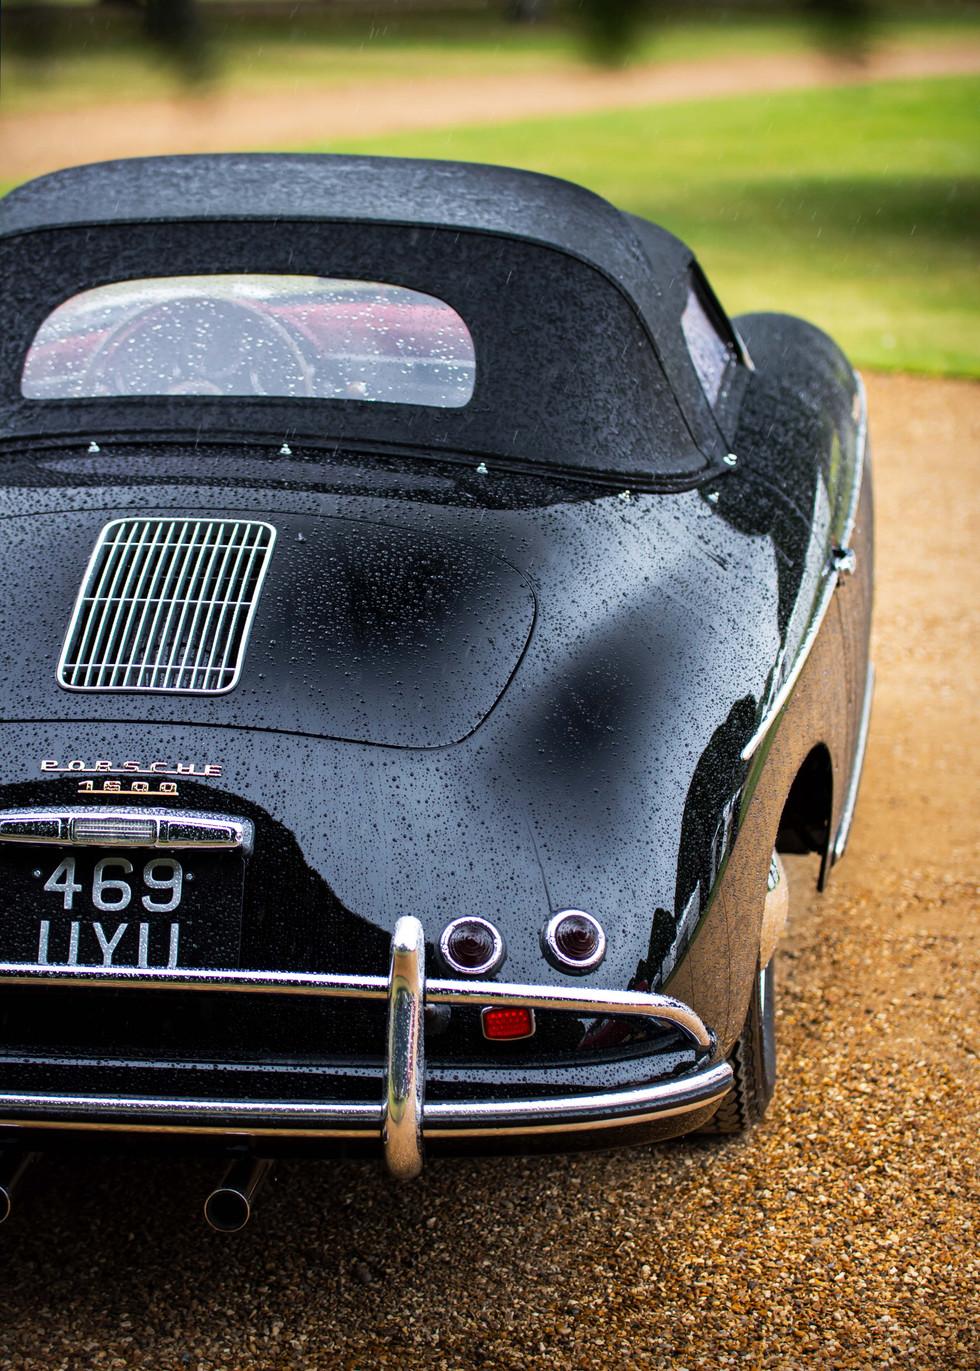 Stewart Morley's 1957 Porsche 356A Speedster